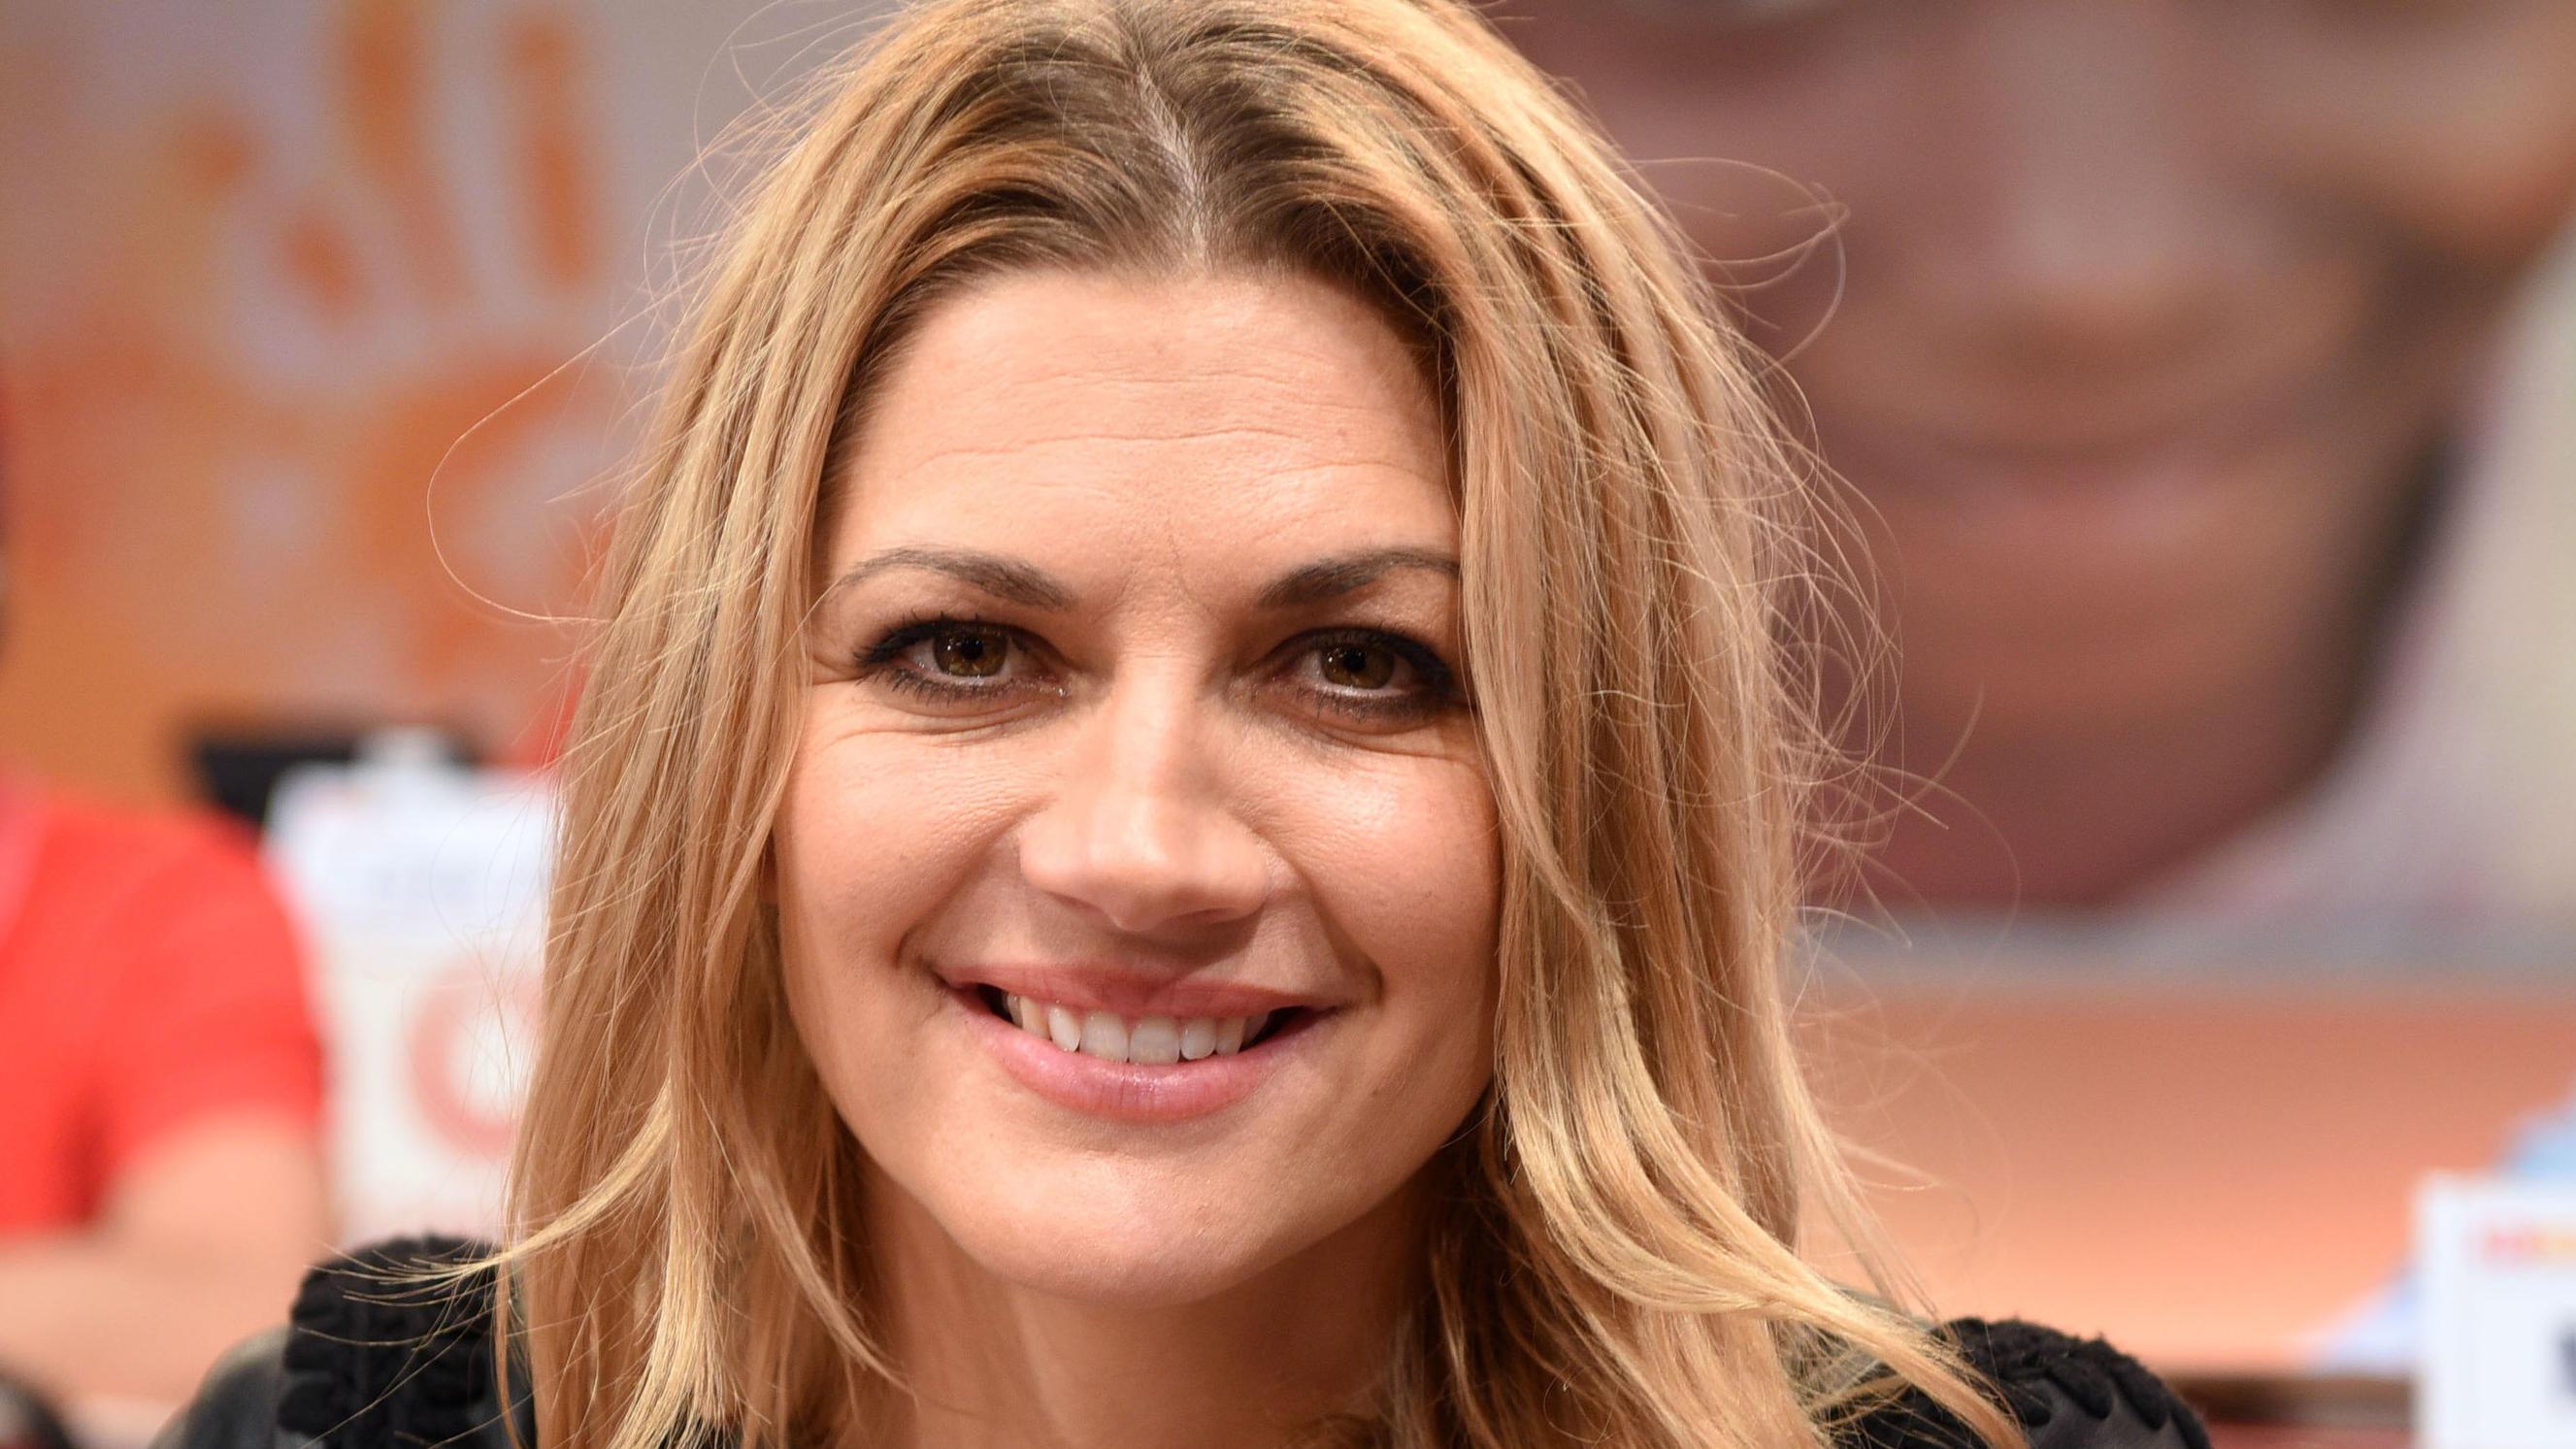 Nina Botts Freund Benni ist raus aus der Quarantäne: Fröhliches Wiedersehen nach 14 Tagen